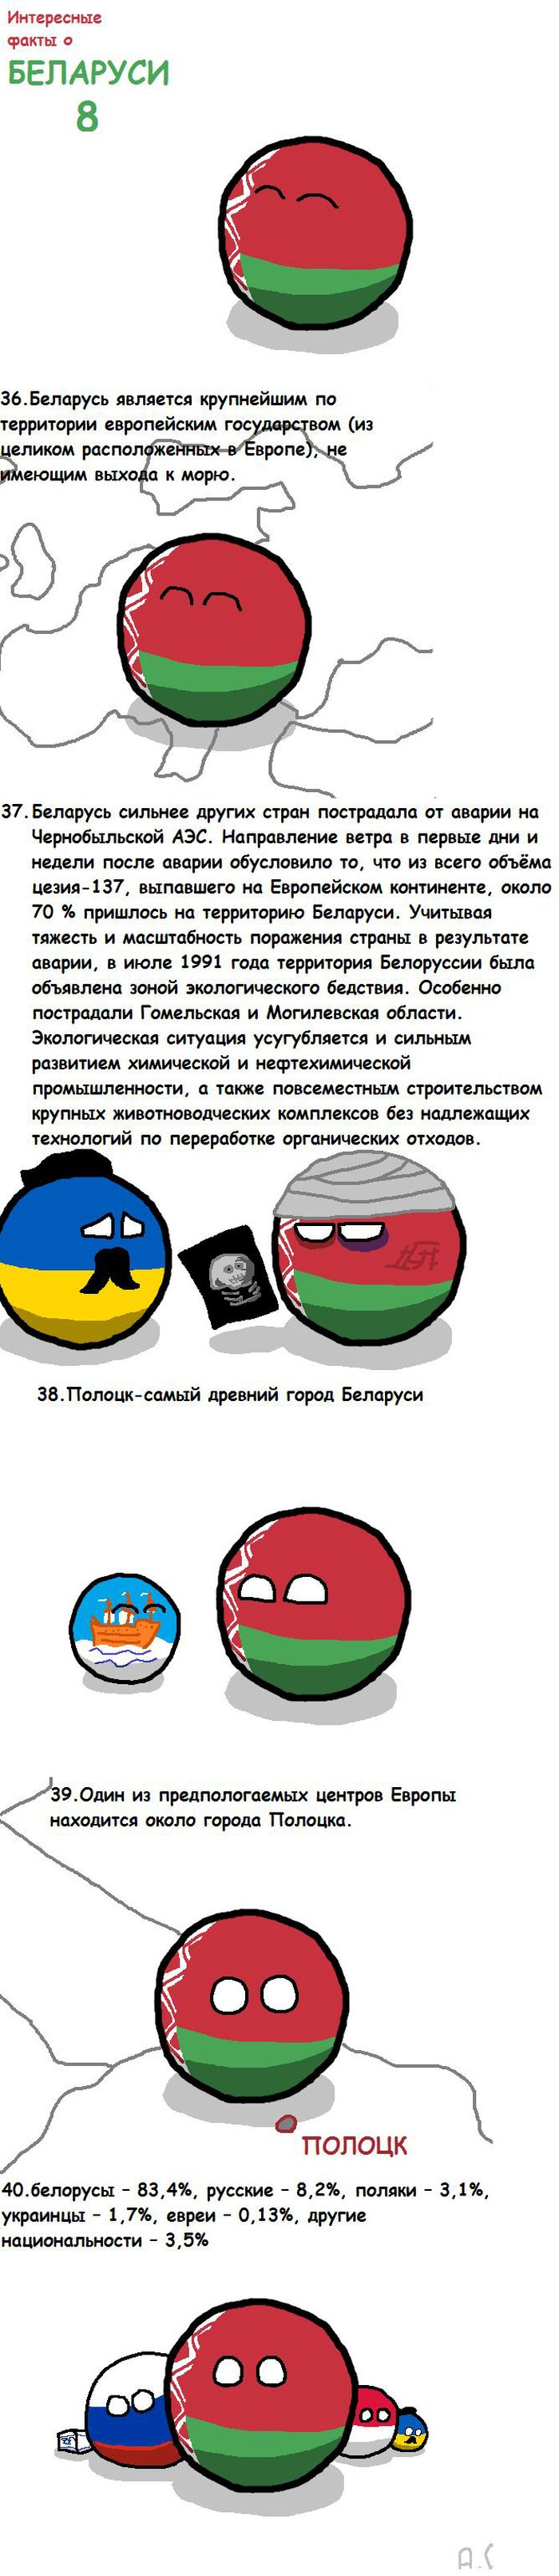 Интересные факты о Белоруссии (8 фото)